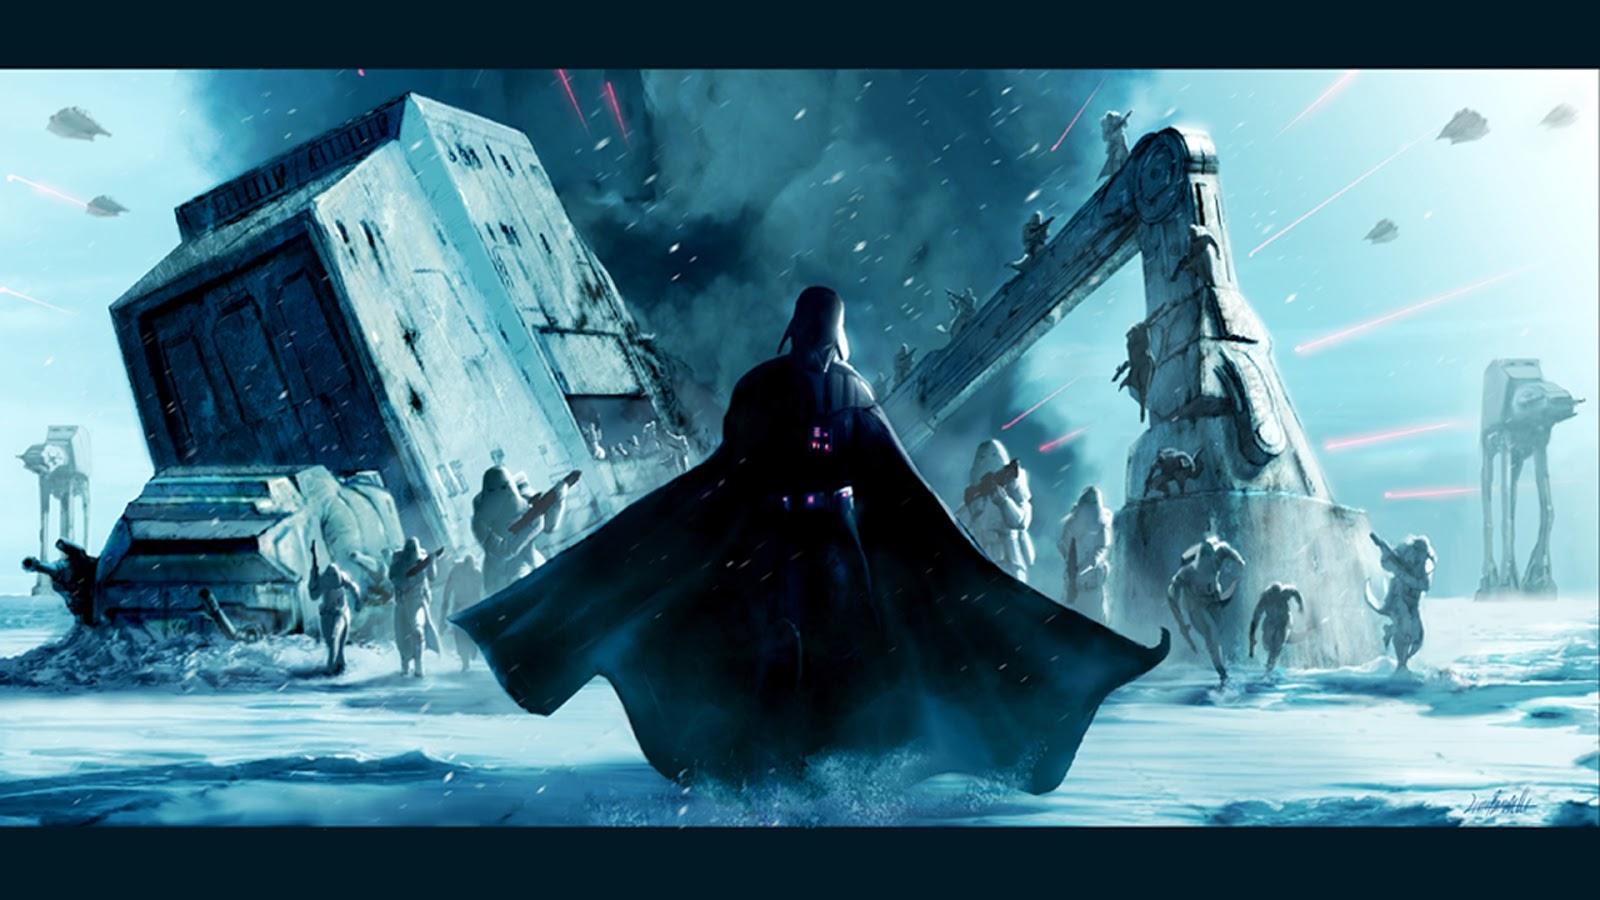 Star Wars Backgrounds for Desktop PC